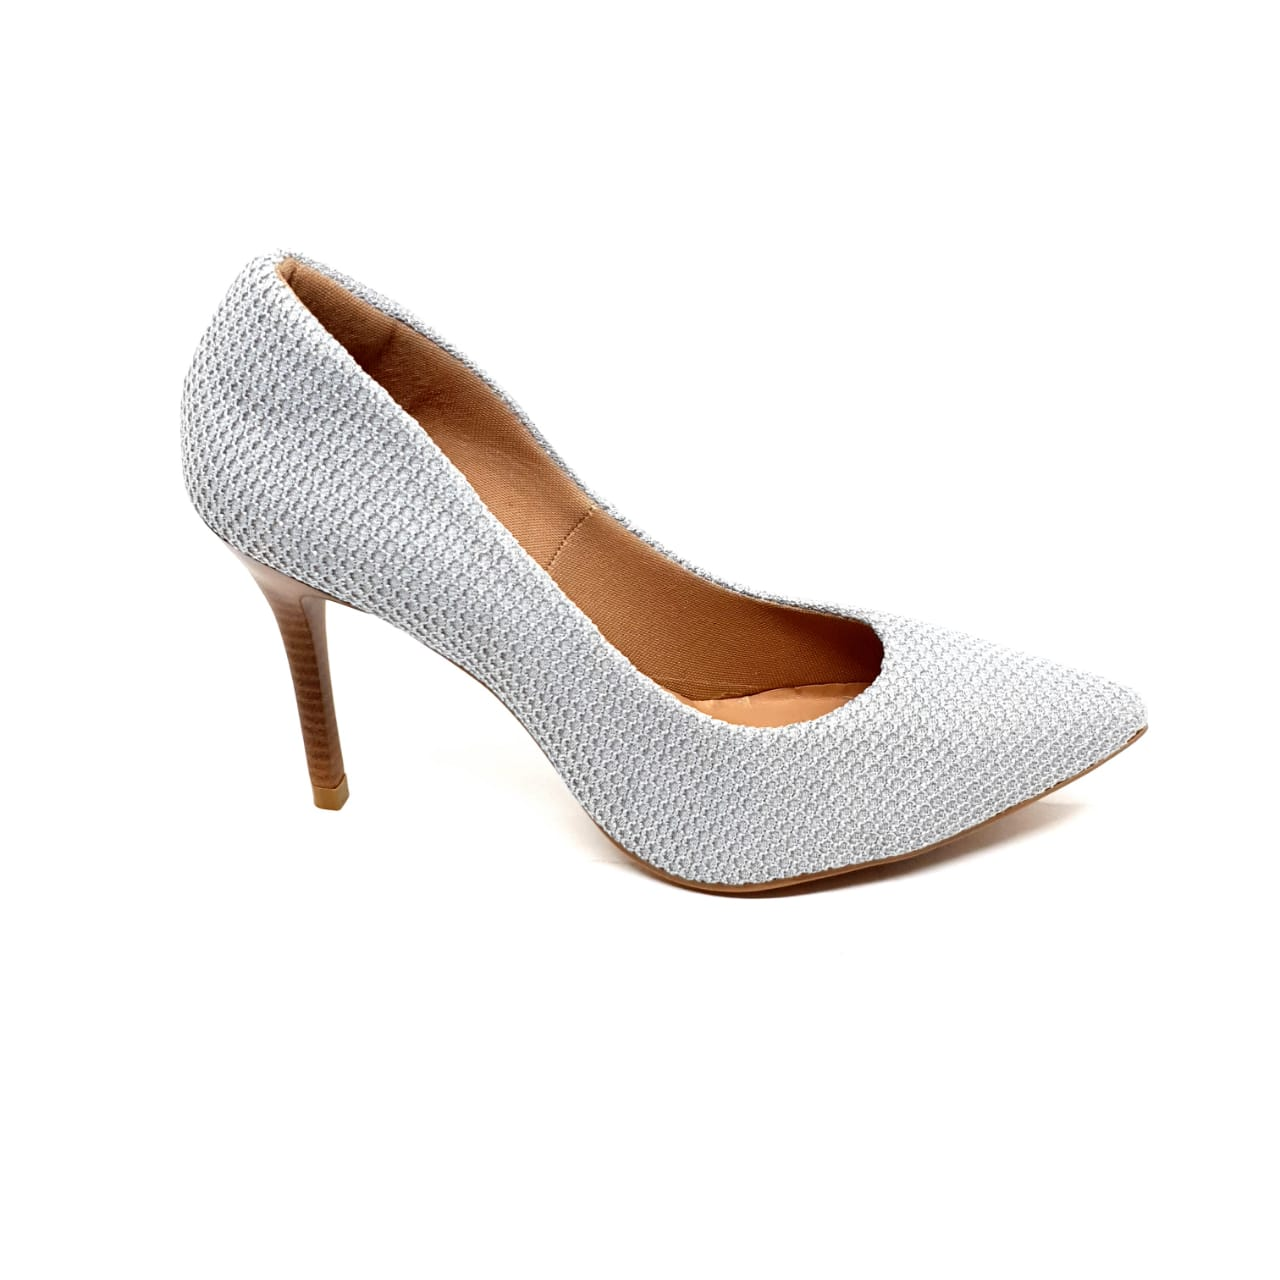 Sapato Scarpin Cinza com Brilho